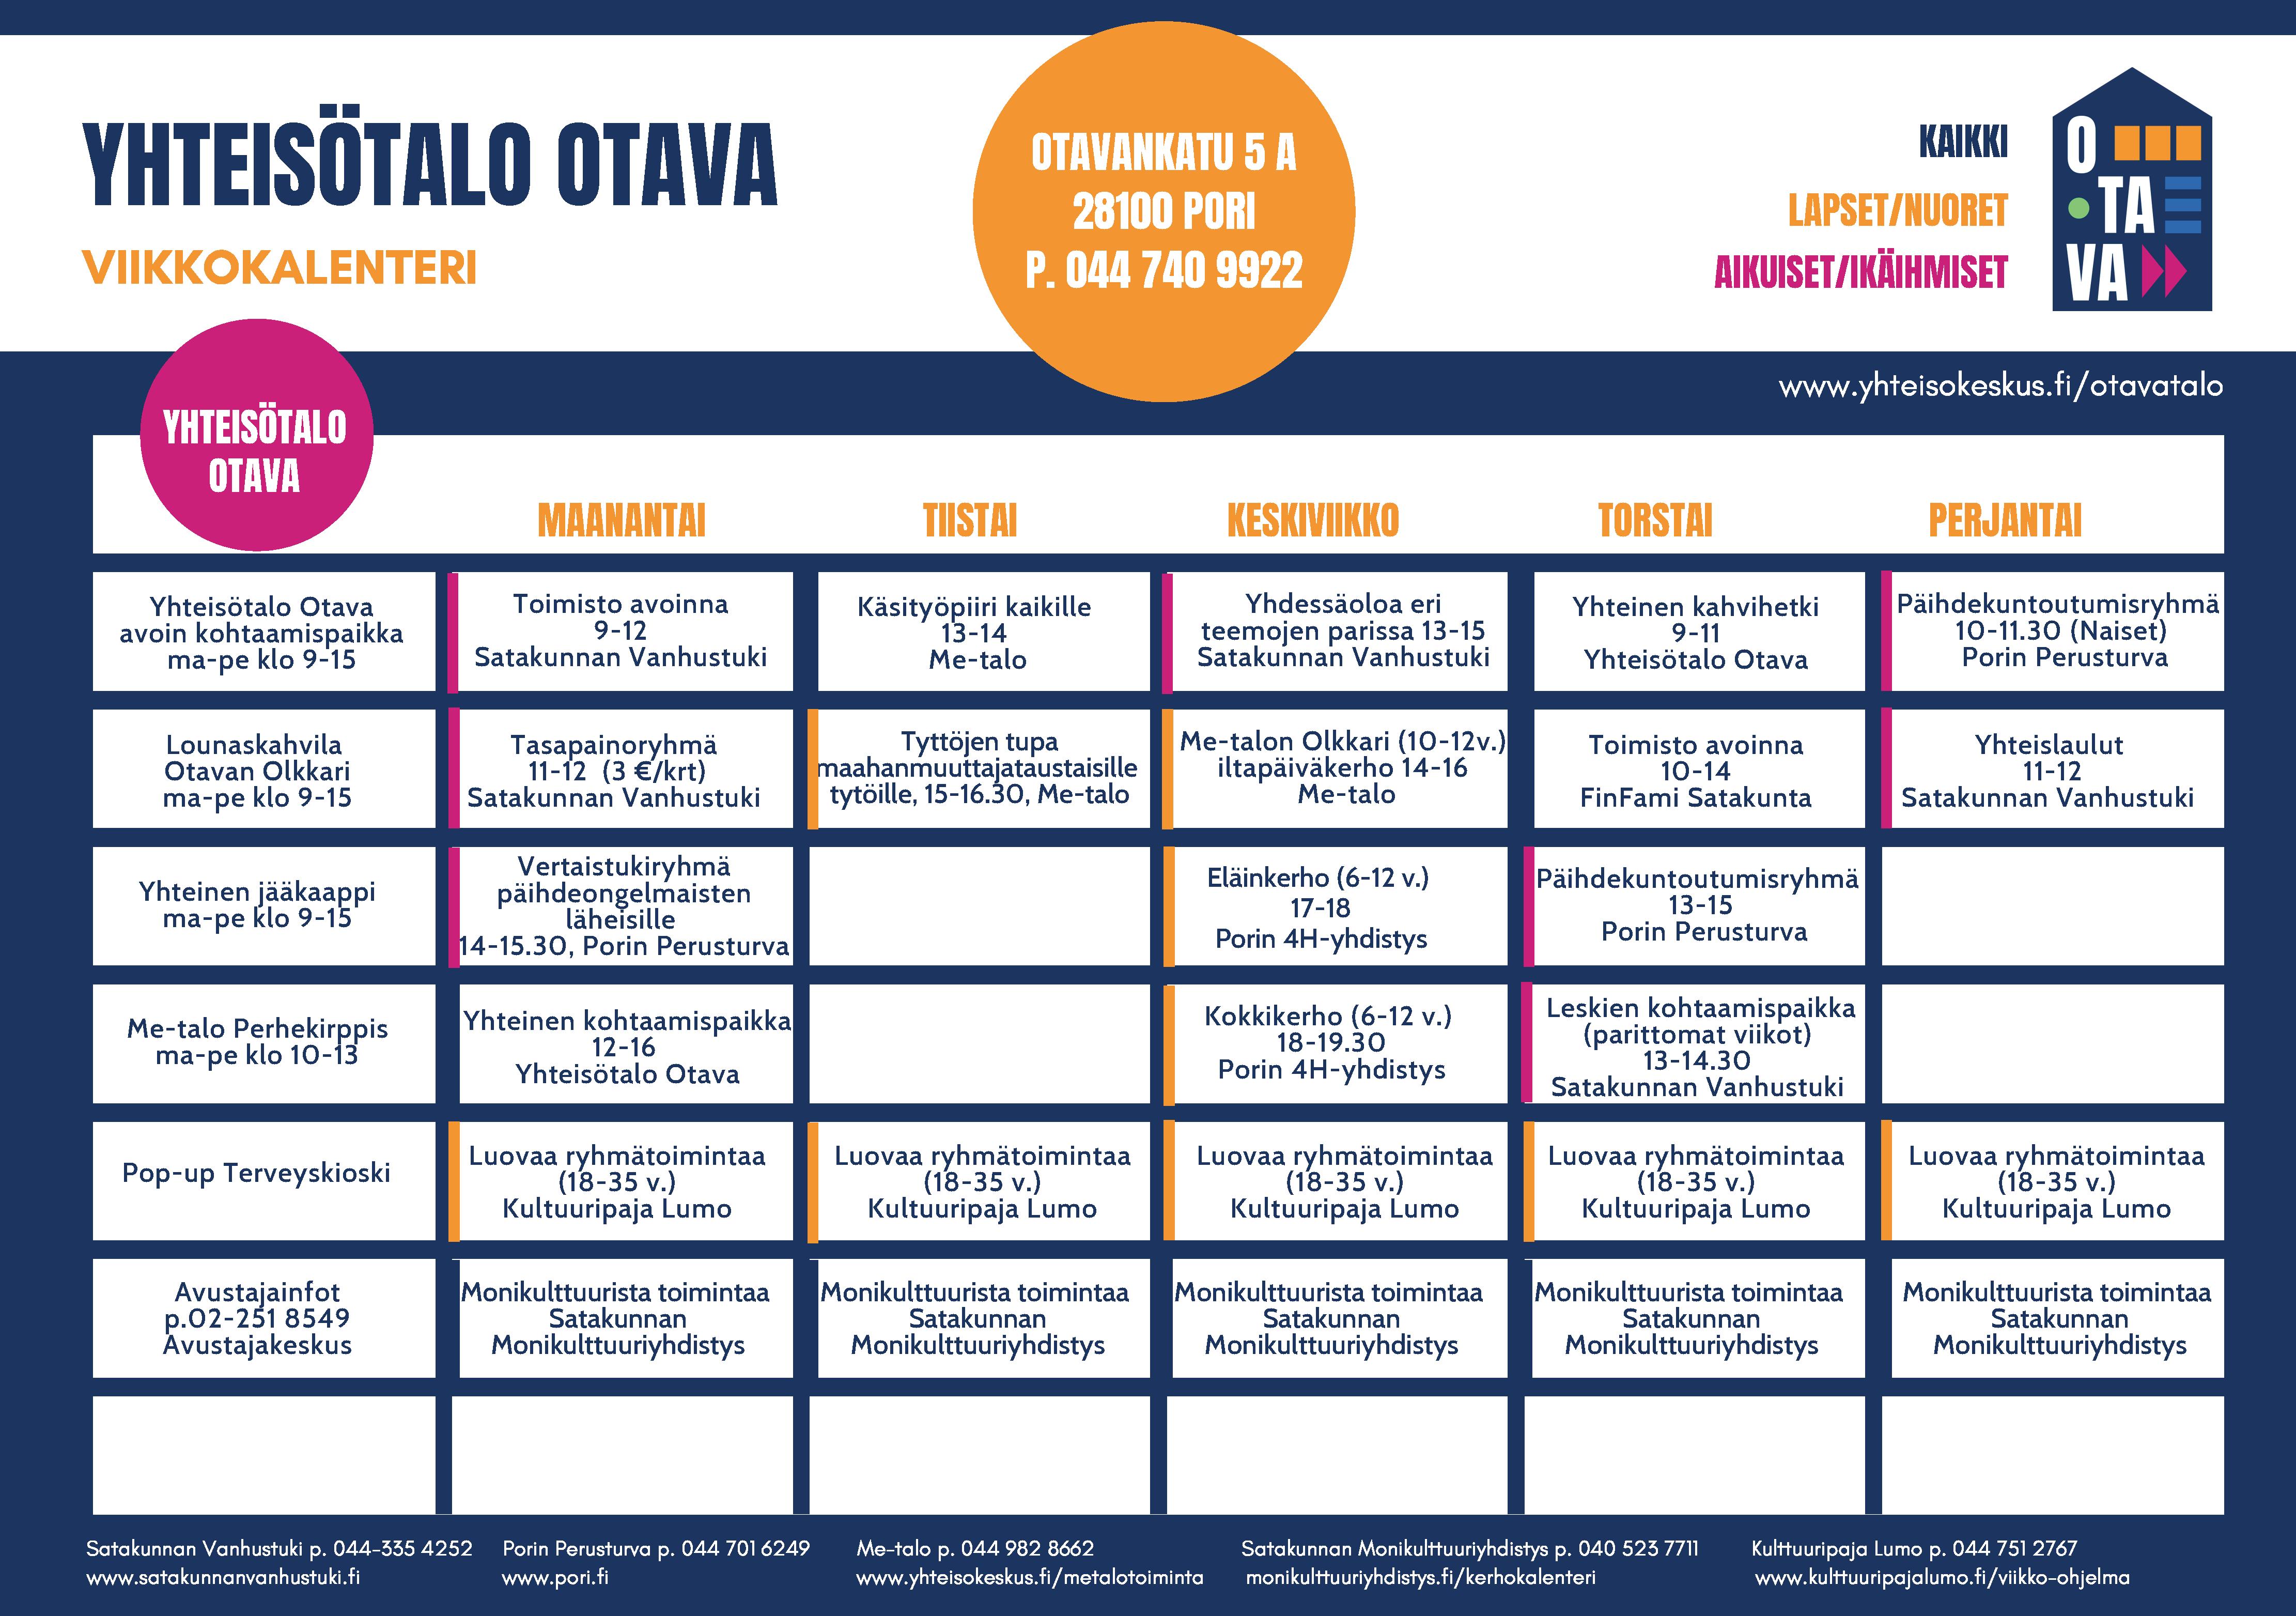 Yhteisötalo Otava viikkokalenteri